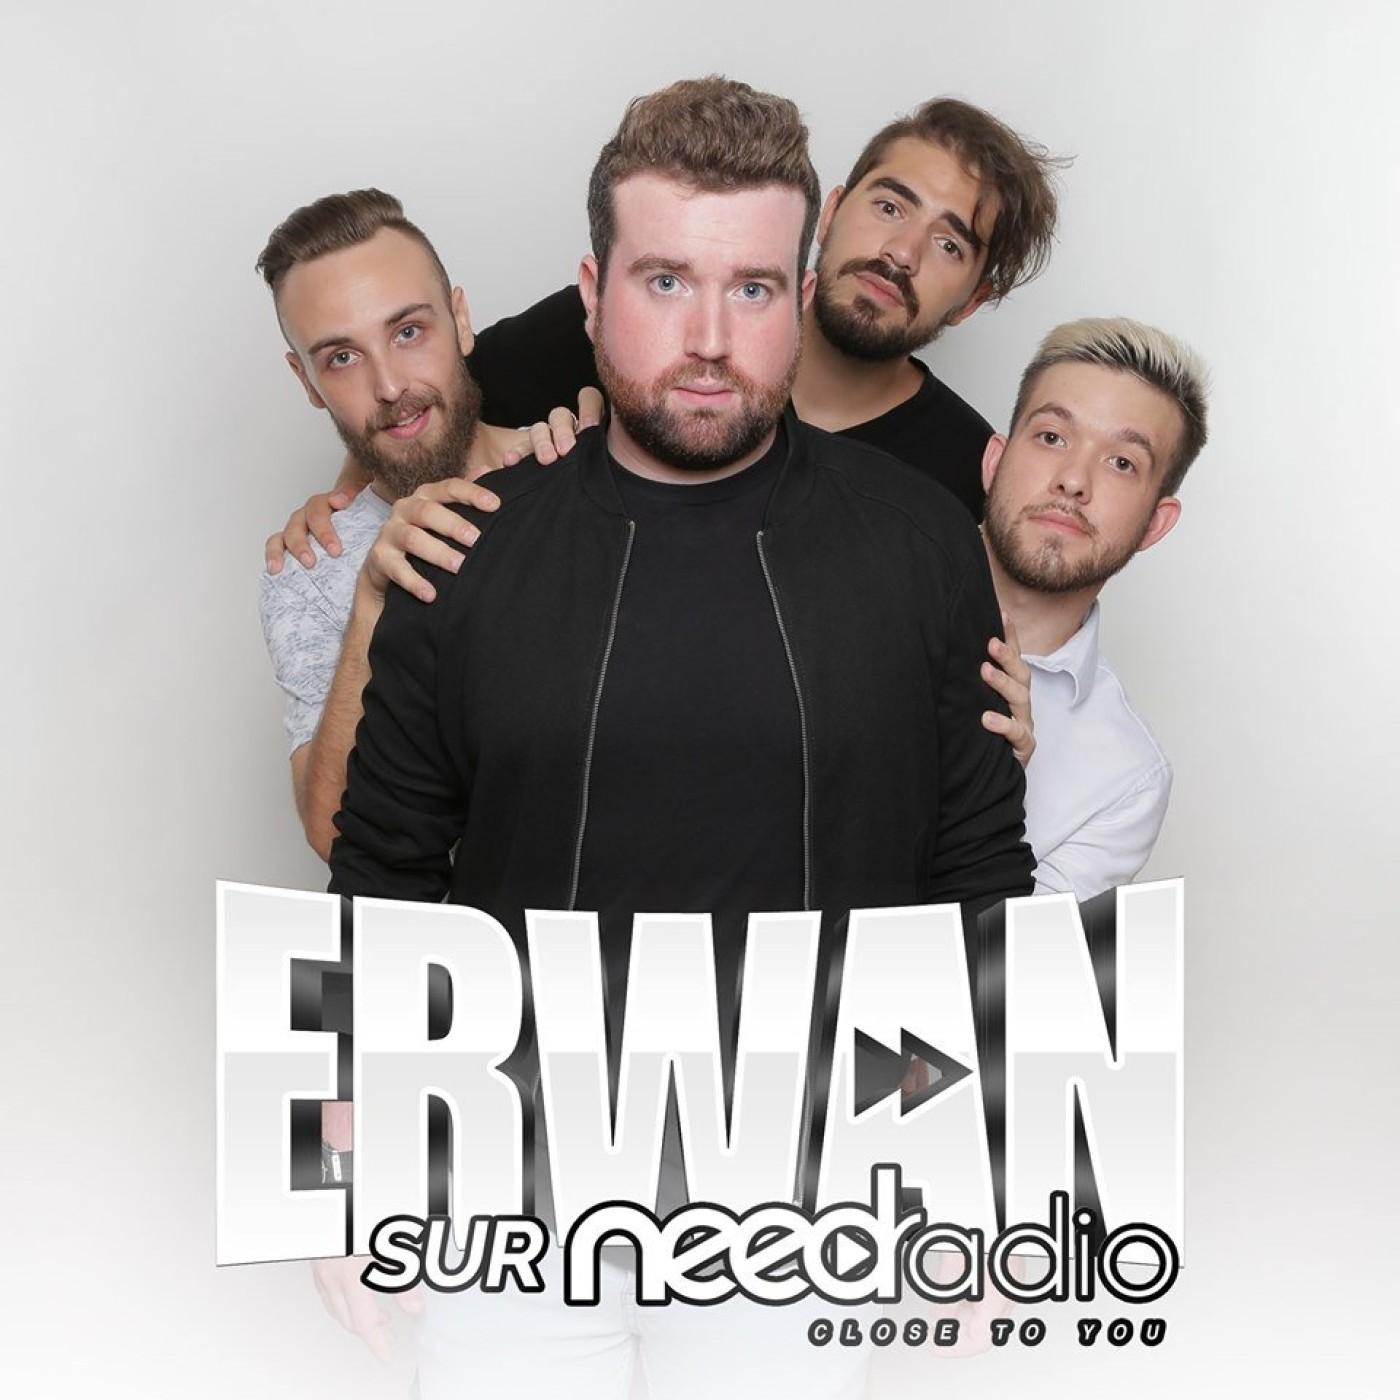 Erwan sur NEED Radio S2 #17 (16/02/20)